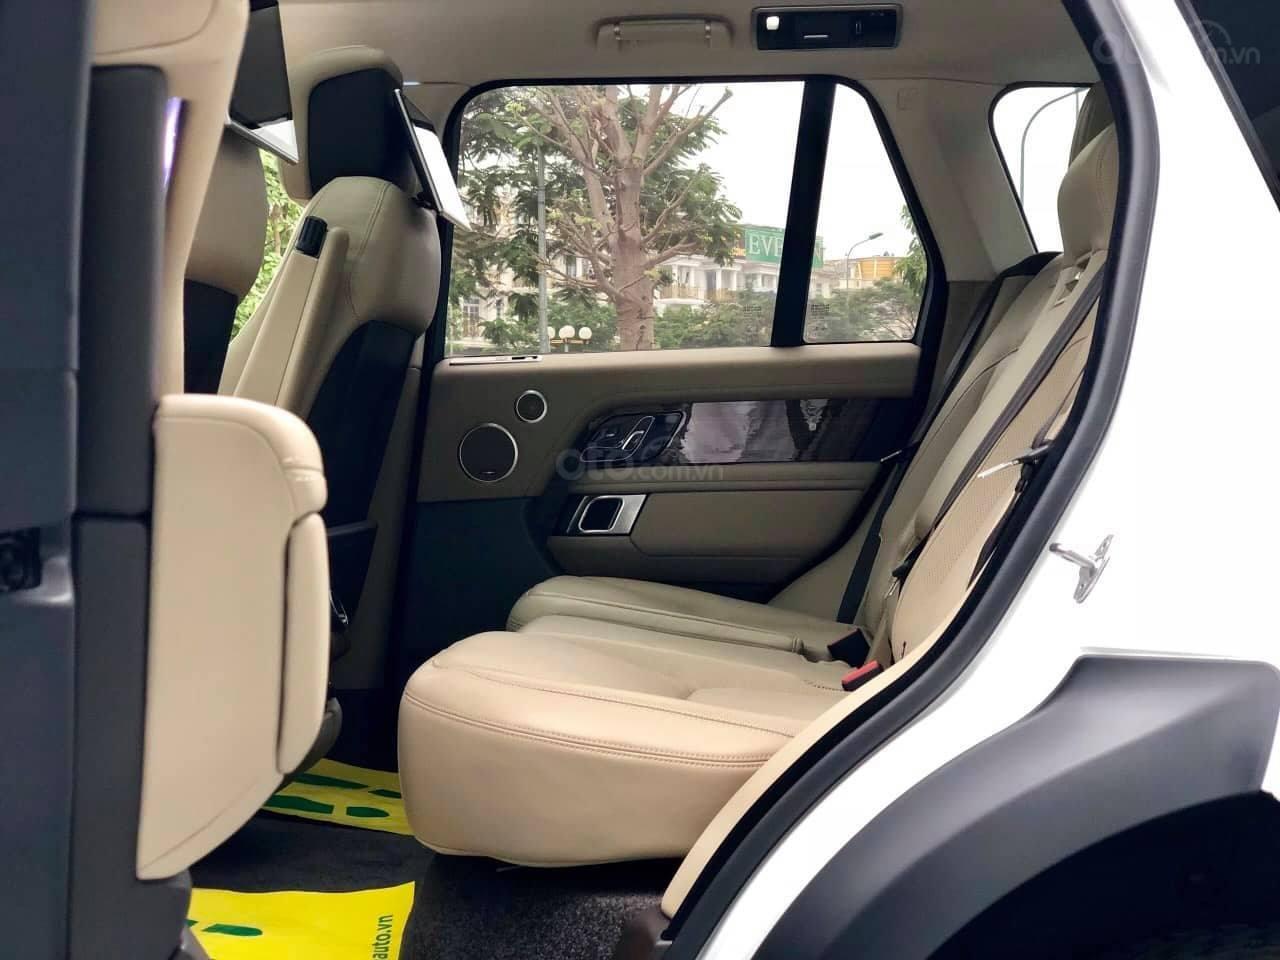 Bán ô tô LandRover Range Rover HSE đời 2018, màu trắng, nhập khẩu nguyên chiếc, LH 0905098888 - 0982.84.2838 (4)